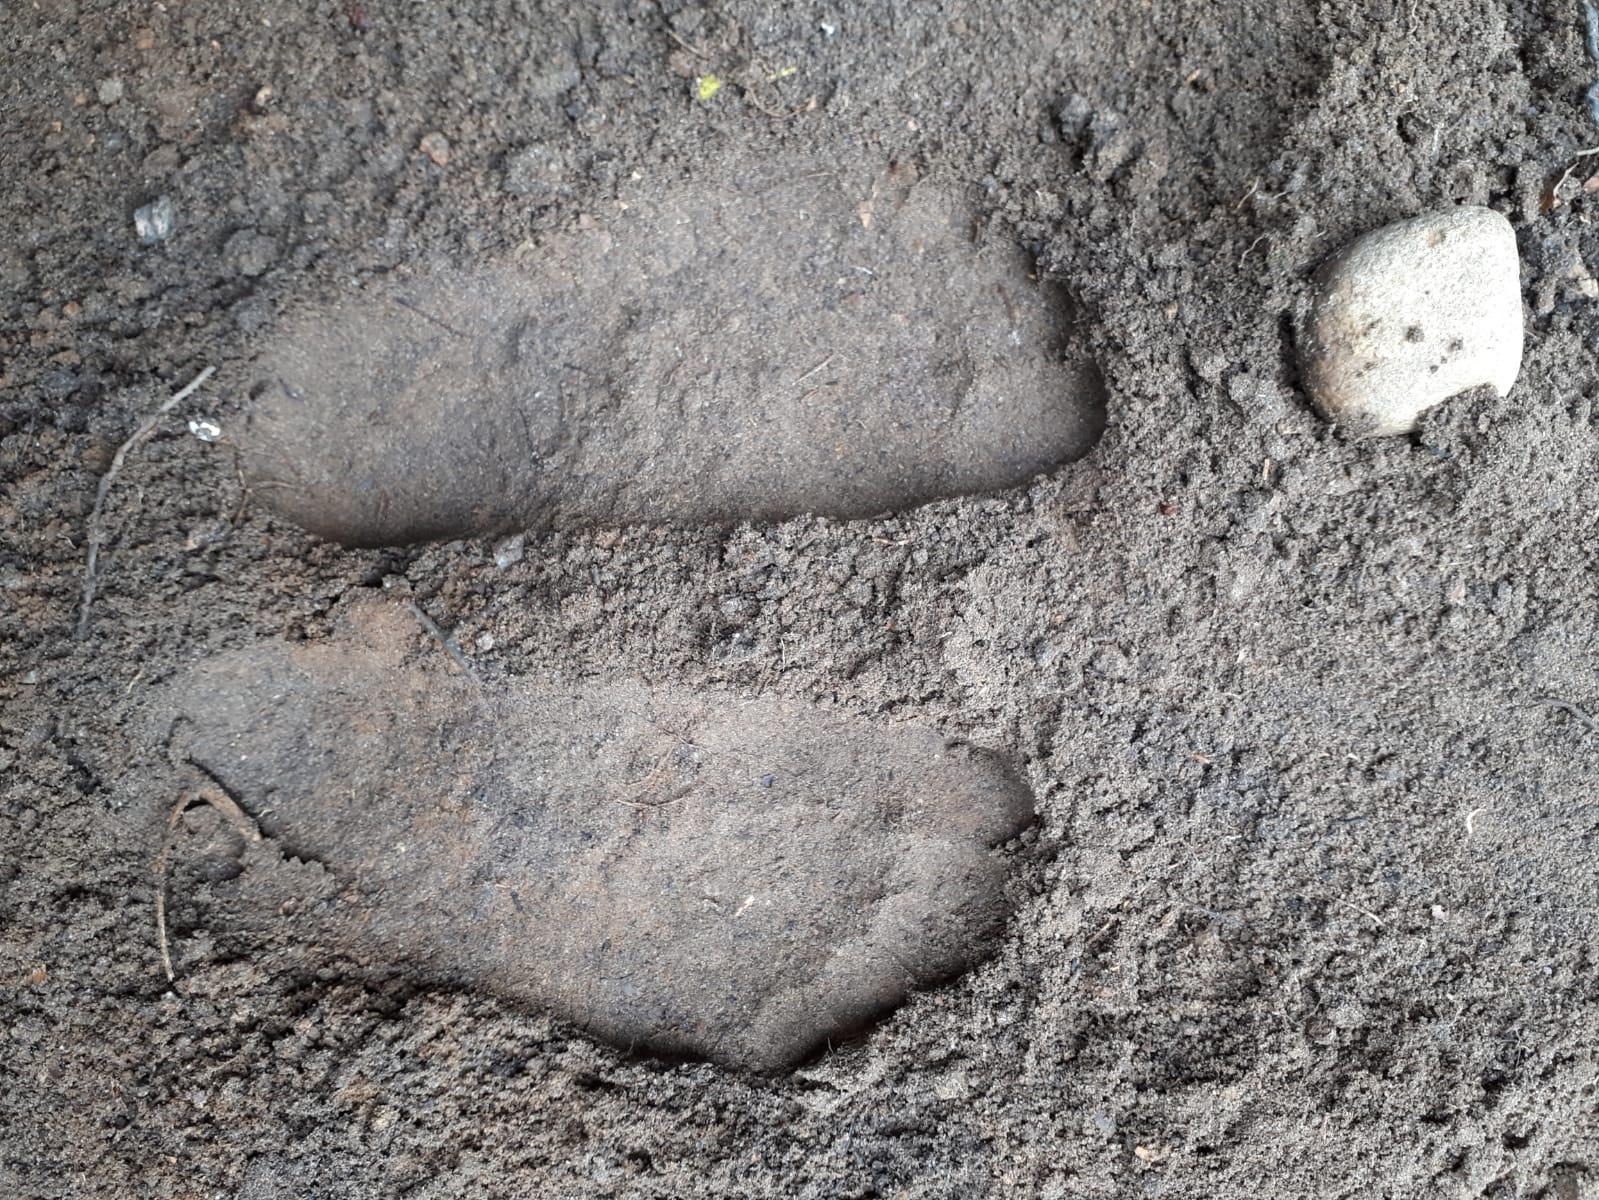 Fussabdrücke im Sand (Foto Zuzana Pizzileo, 2019)